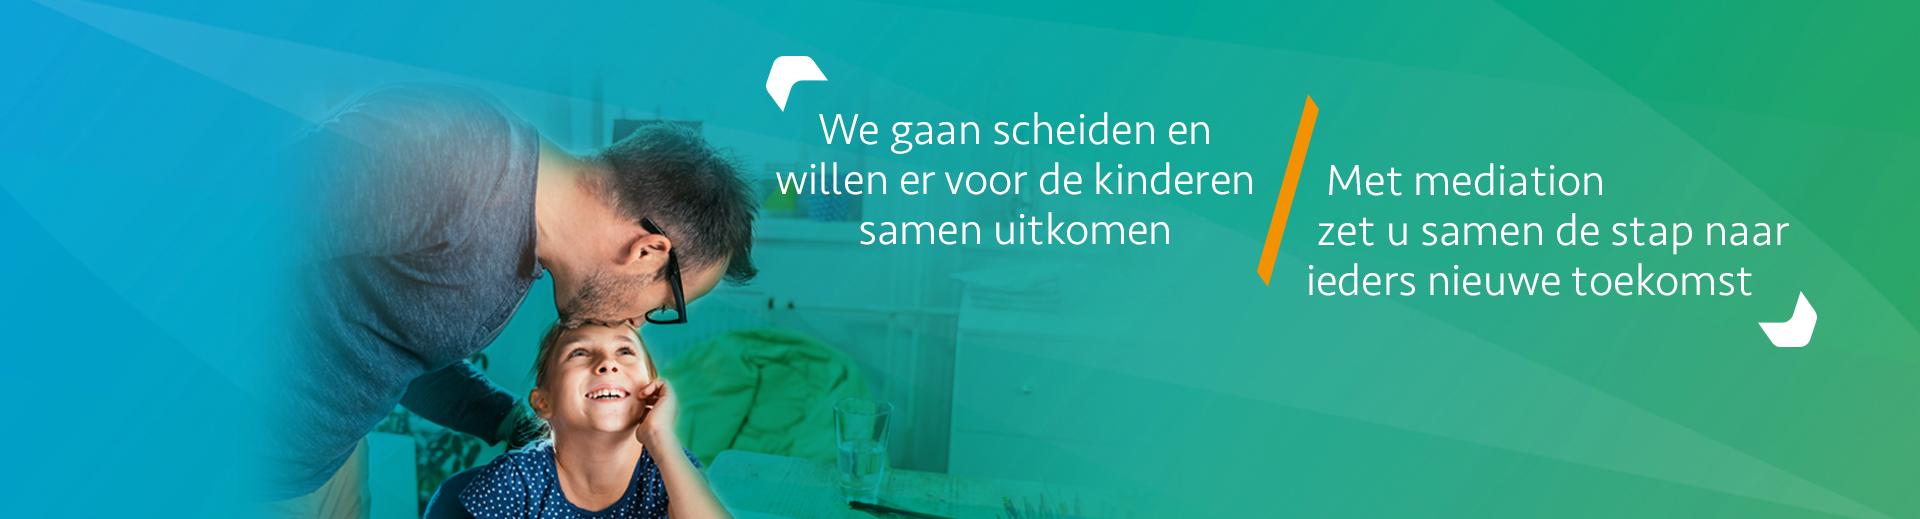 Mediation/Samen scheiden - Scheidingsplanner Hilversum - Bilthoven - Soest - Het Gooi